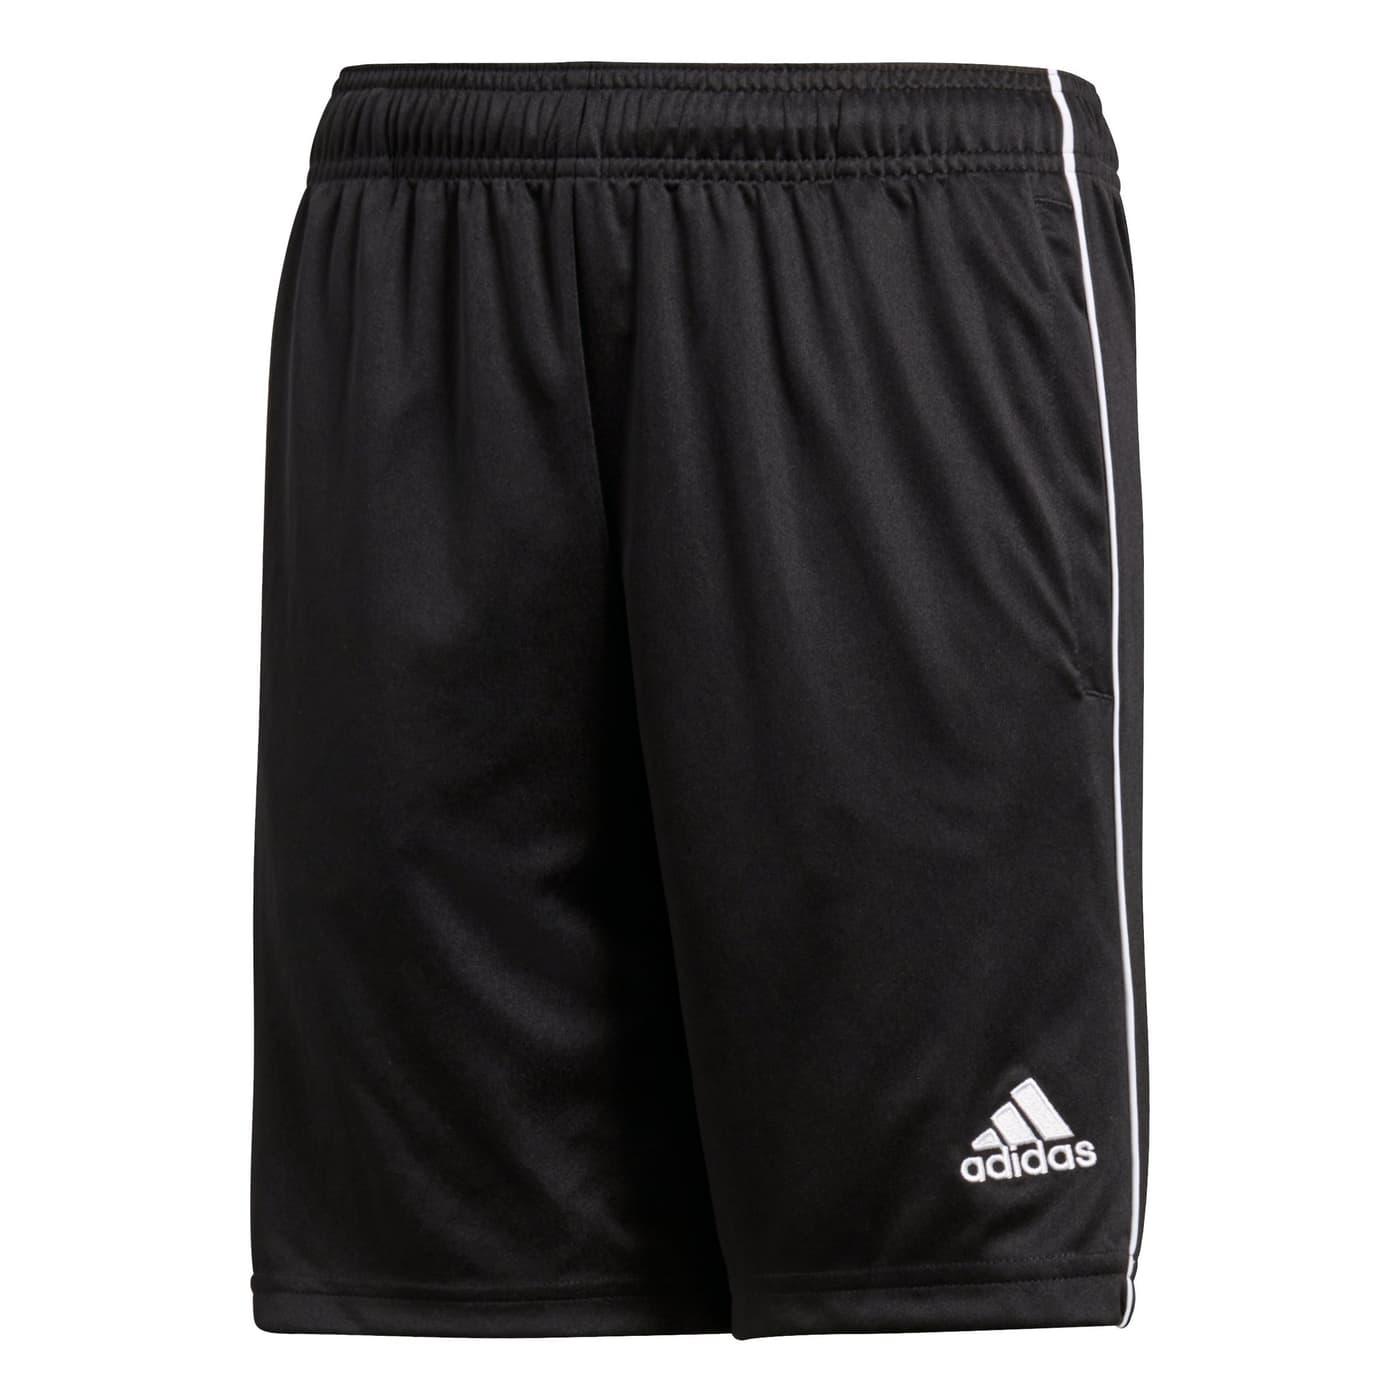 adidas pantaloni core 18